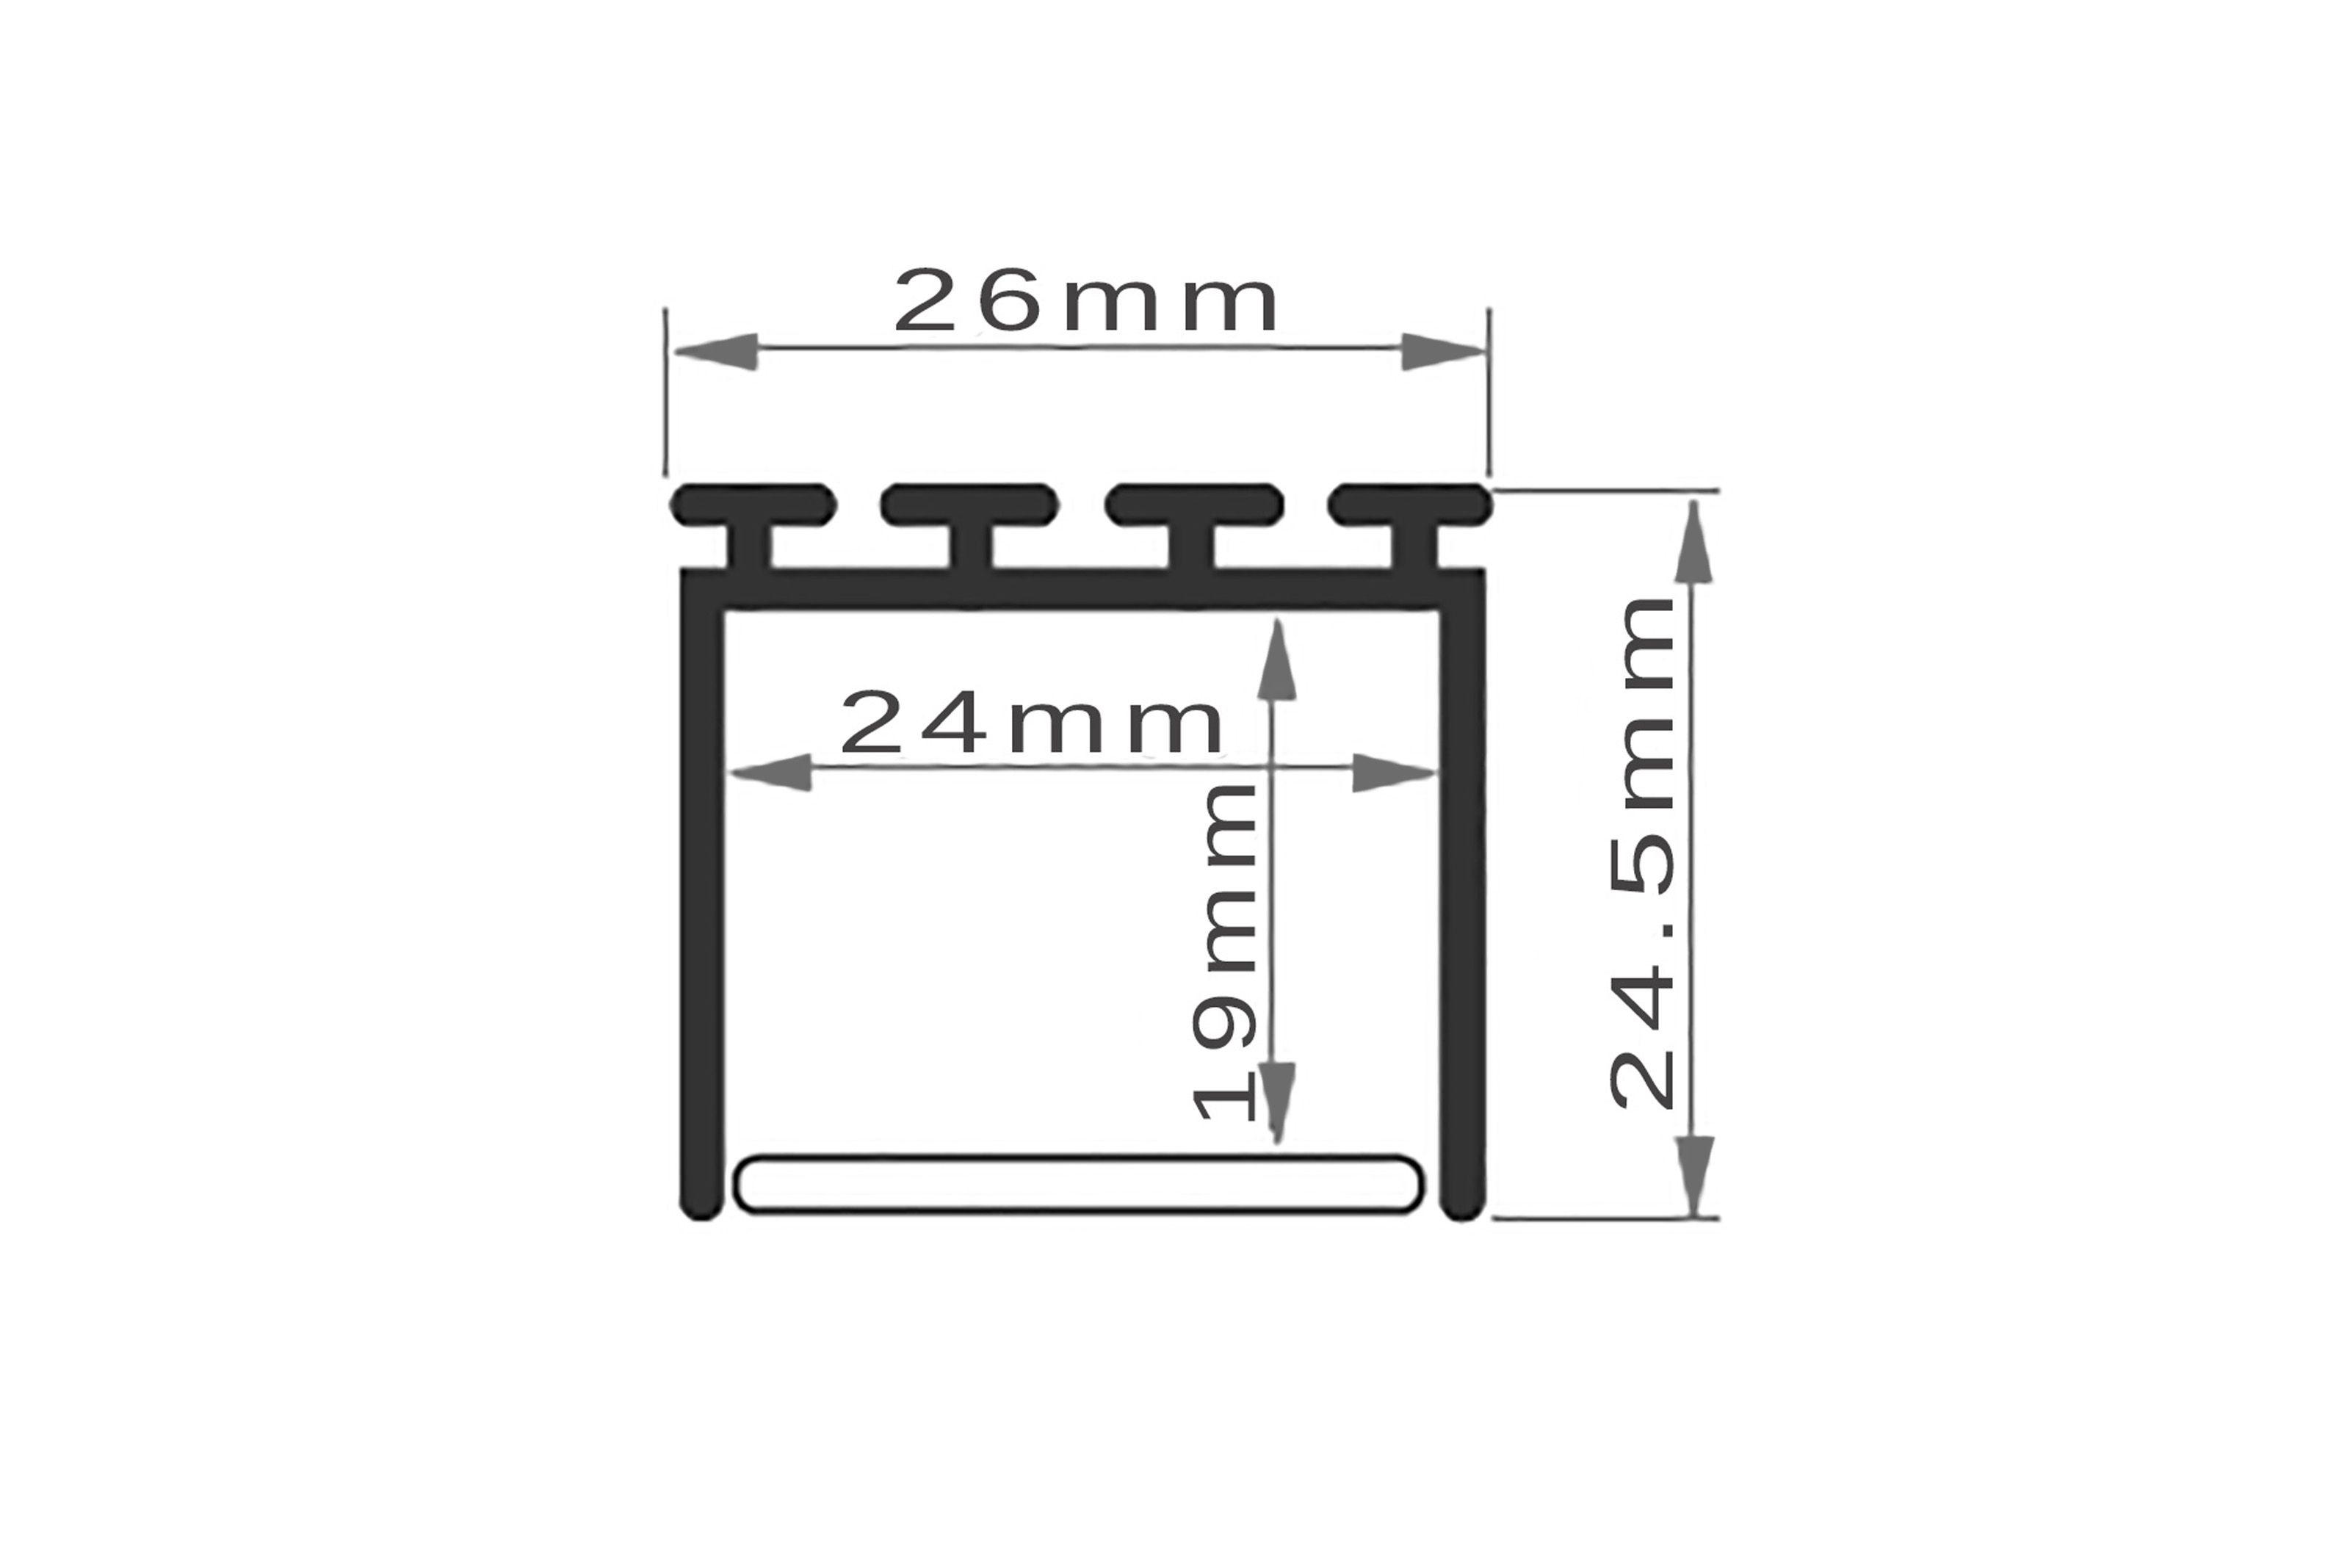 lightline-nf-6-mj-lighting-v2